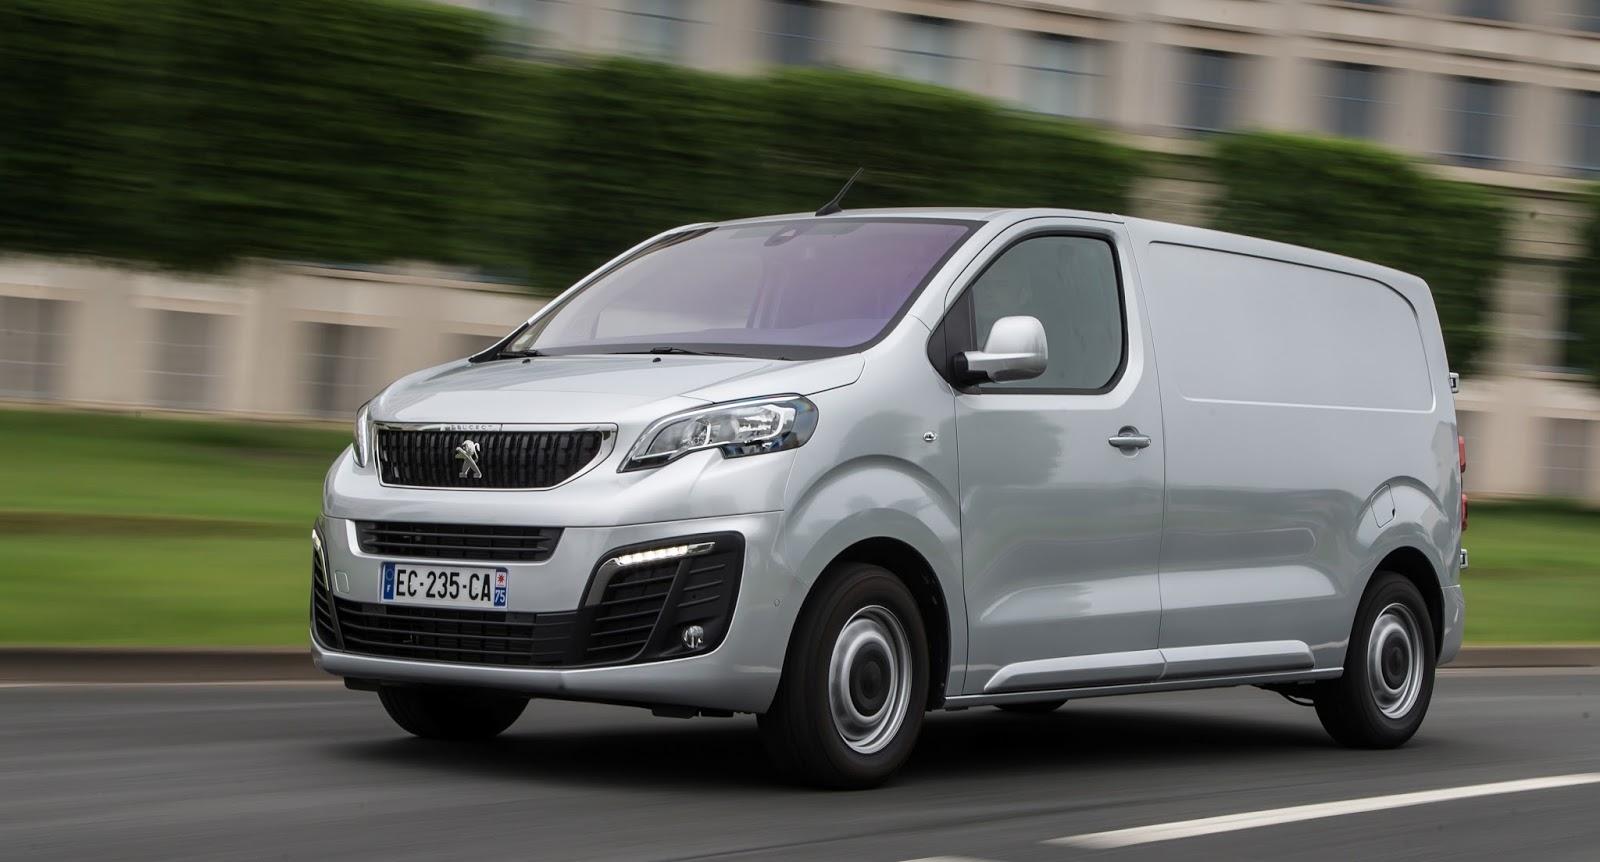 Το νέο PEUGEOT Expert εισάγει νέες καινοτομίες στην επαγγελματική κατηγορία! Peugeot, Peugeot Expert, VAN, Επαγγελματικά